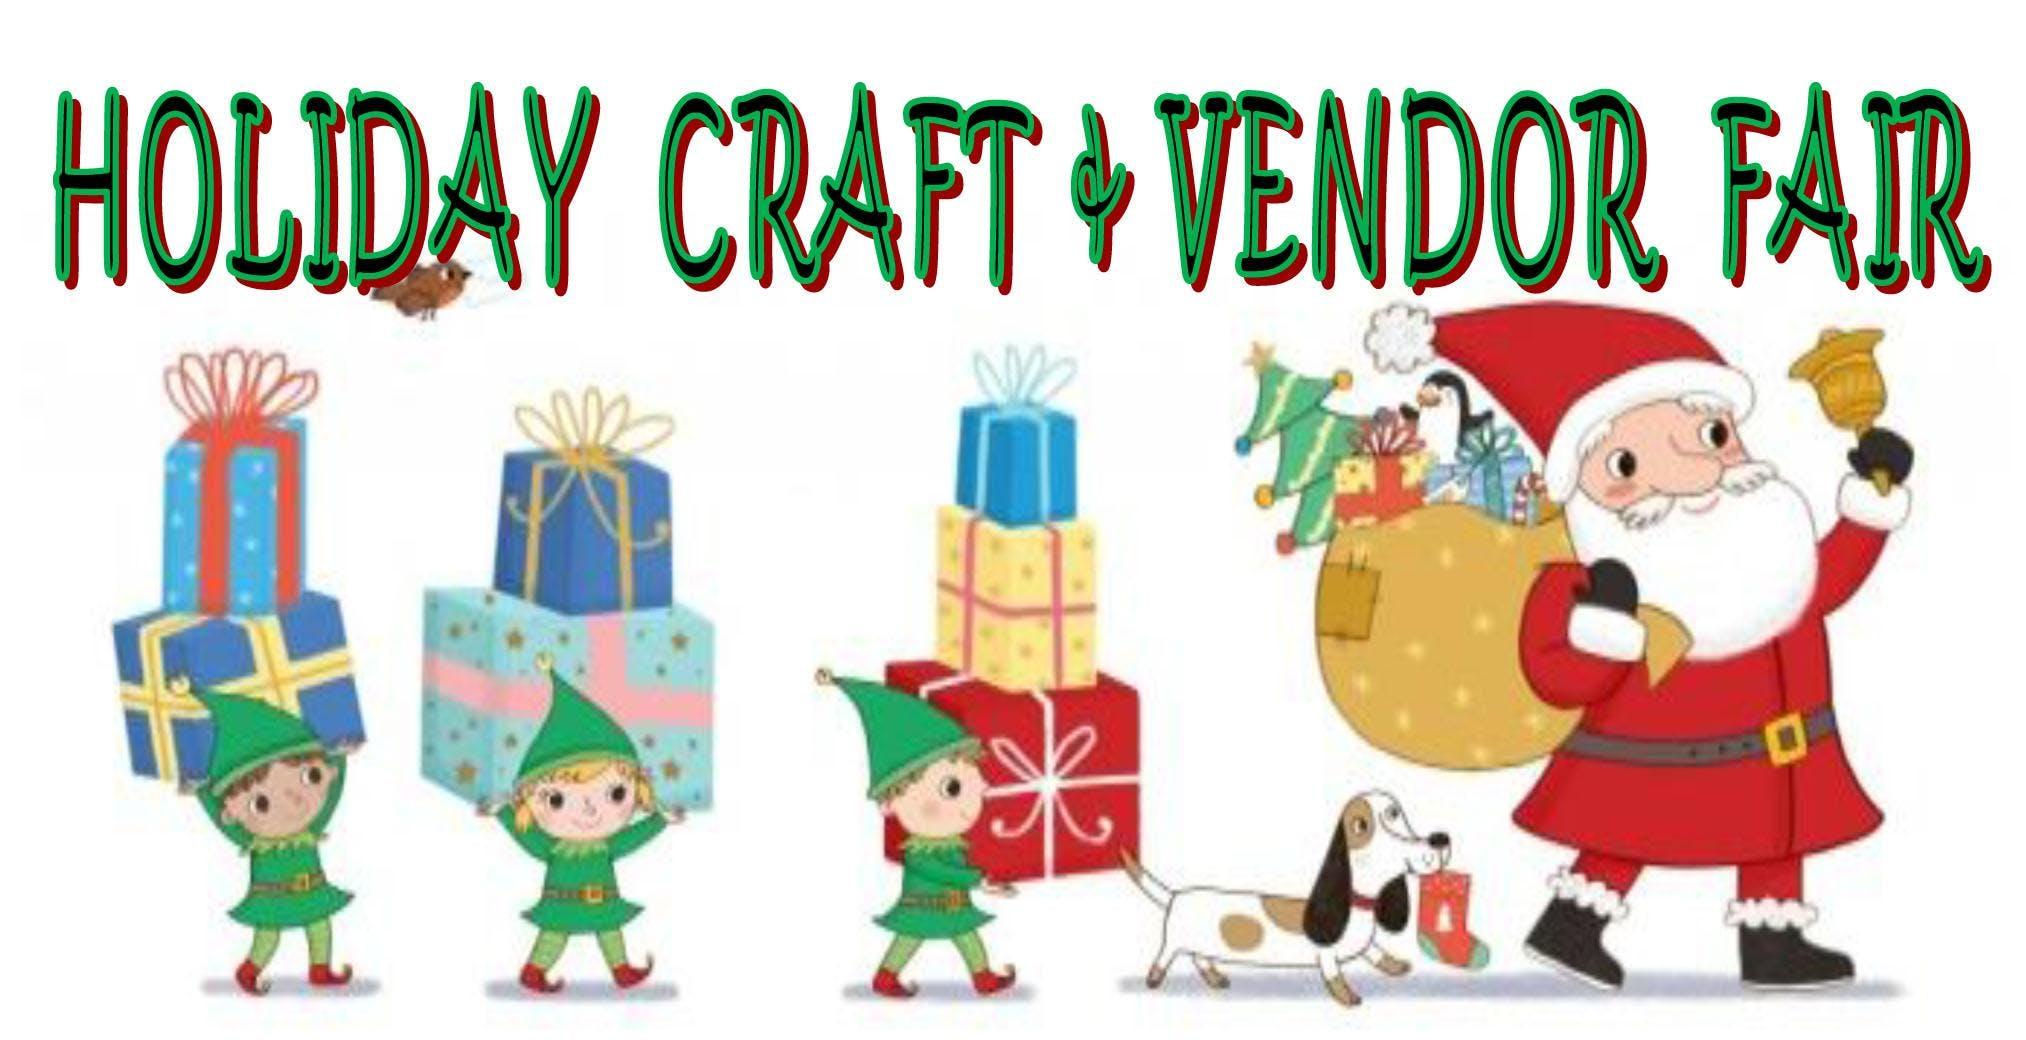 Holiday Craft & Vendor Fair - 3 NOV 2018